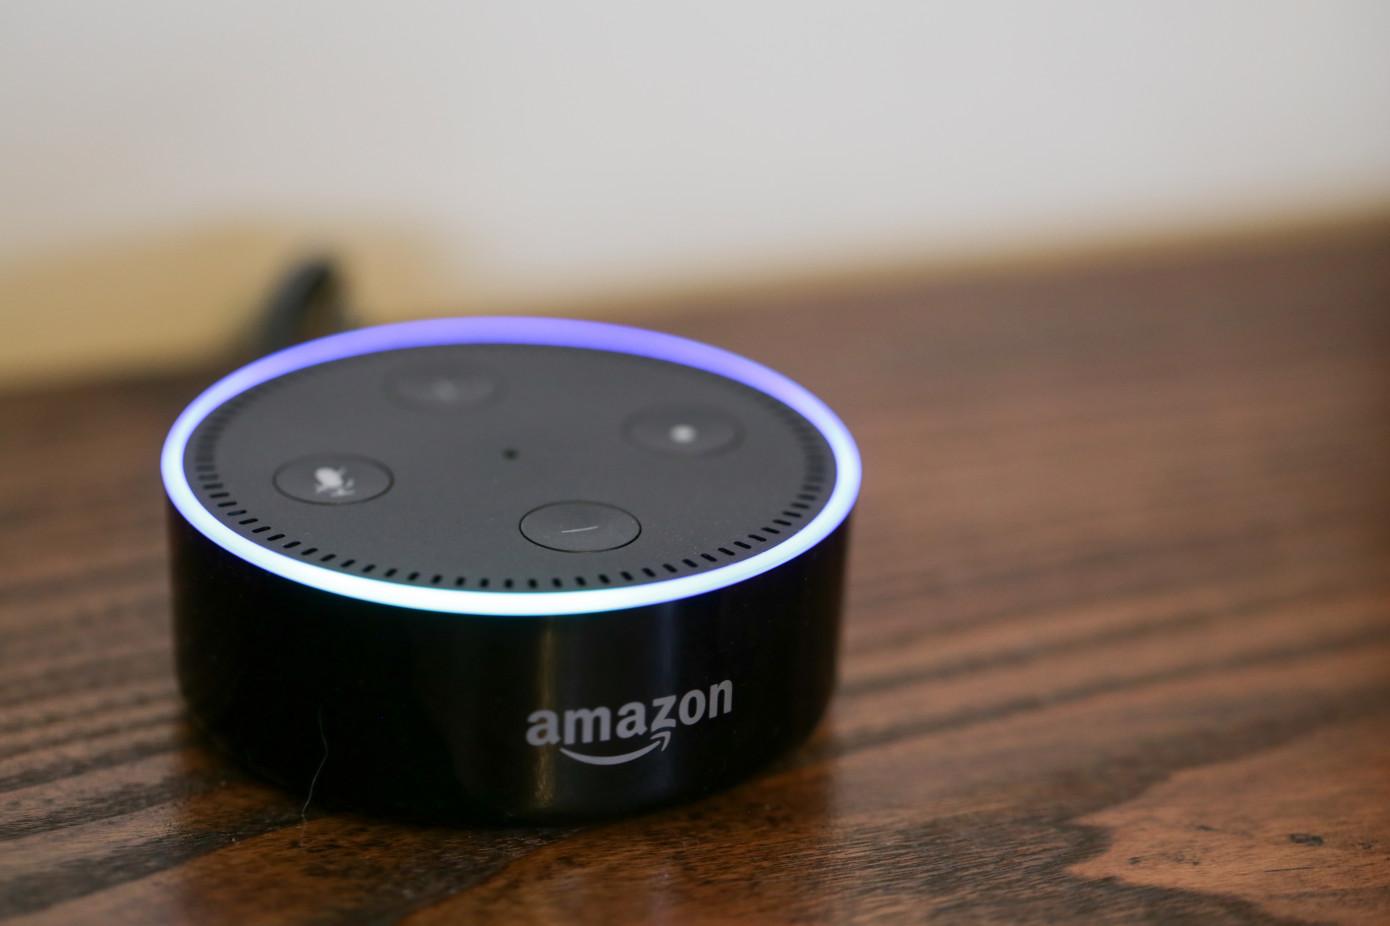 亚马逊Alexa又曝隐私安全漏洞 被指控经常收集儿童用户录音